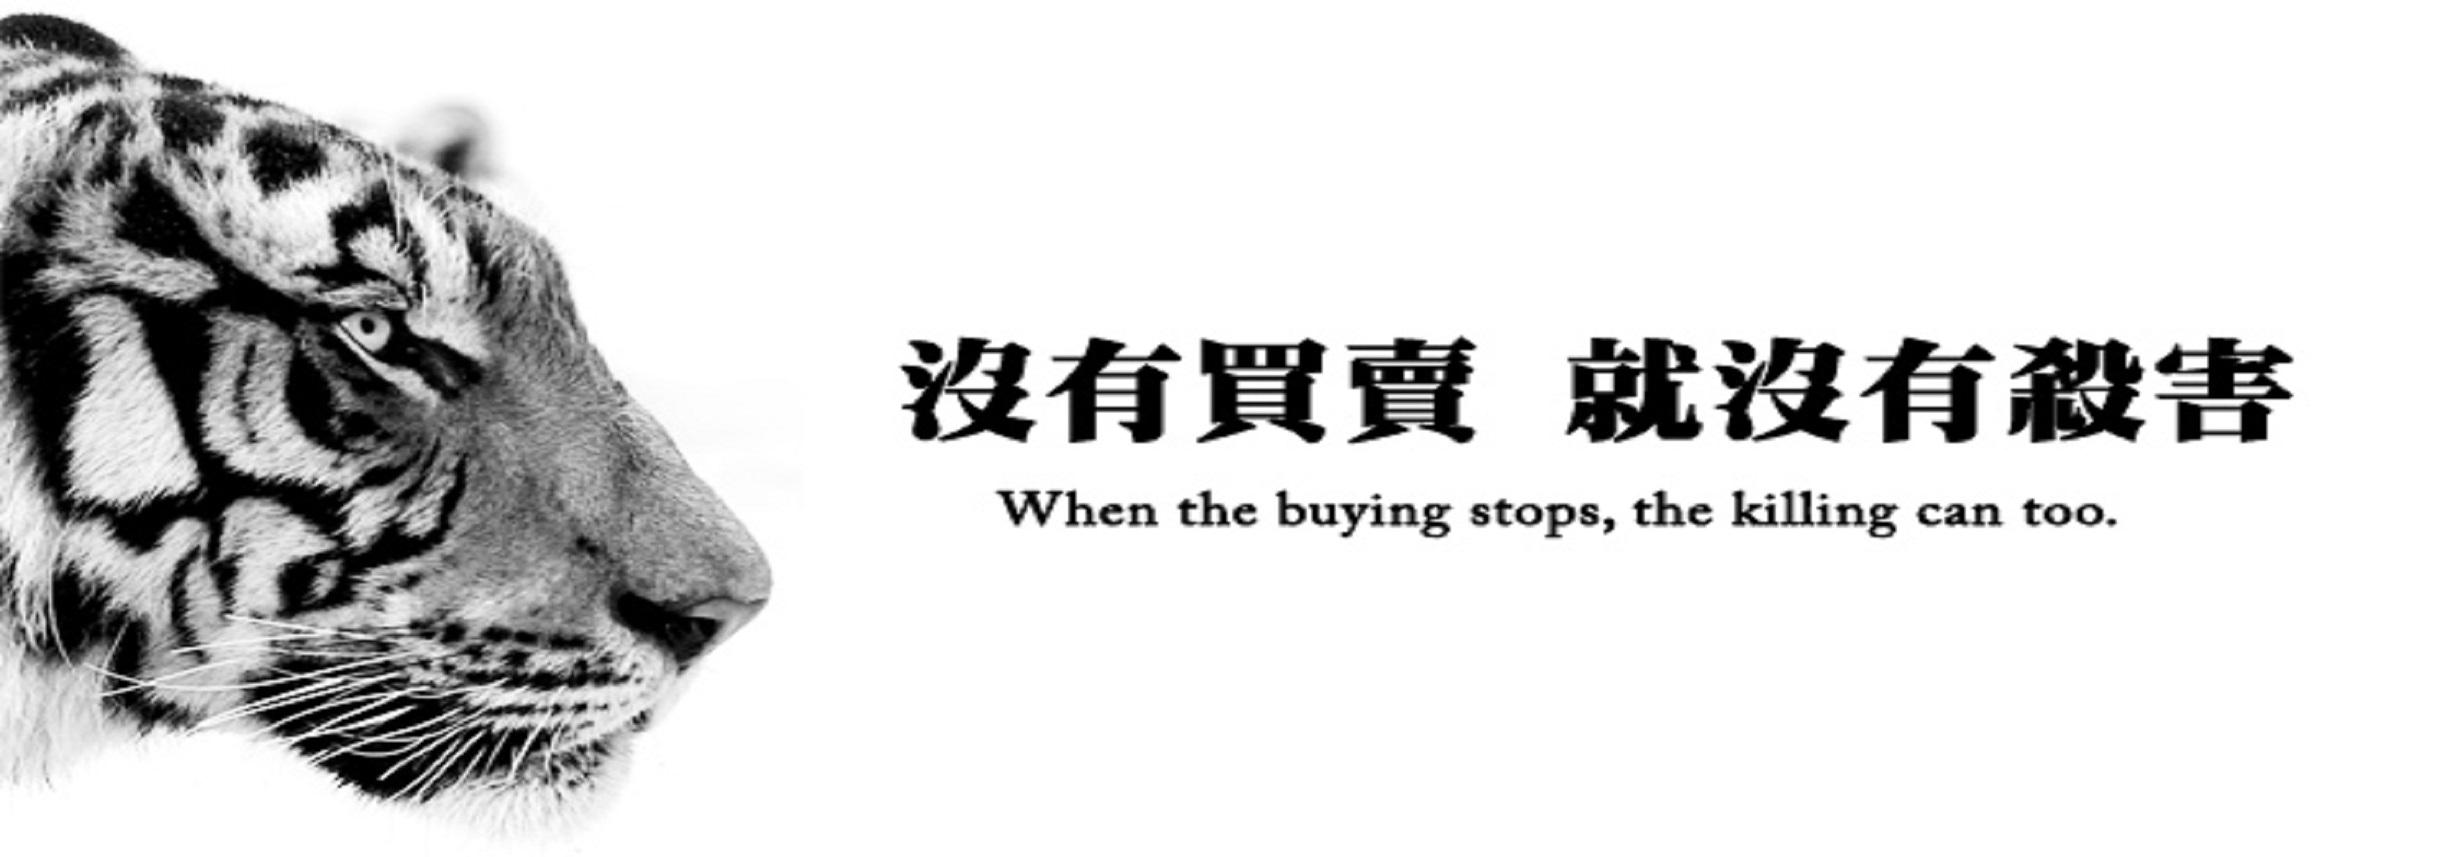 沒有買賣就沒有殺害